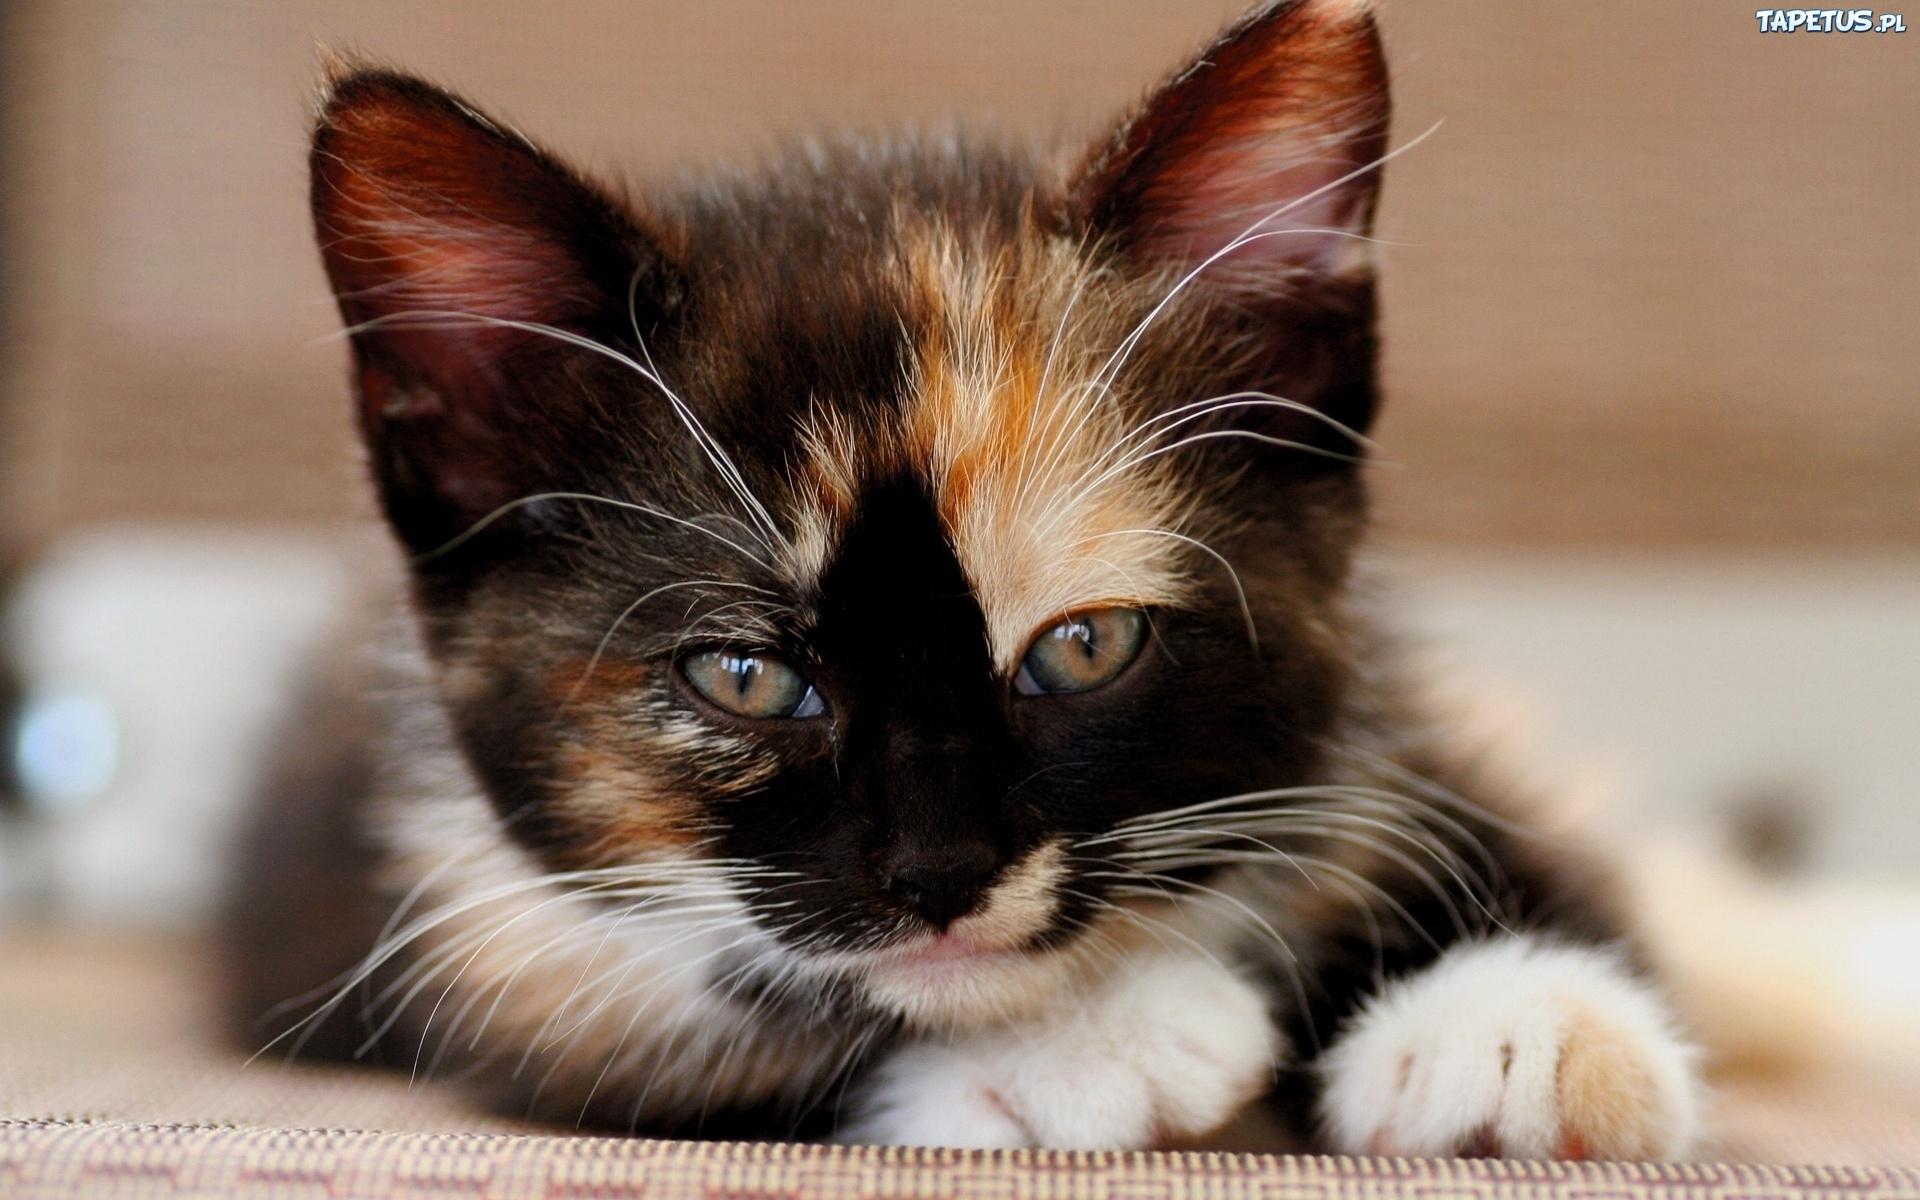 250381_lezacy-szylkretowy-kotek.jpg